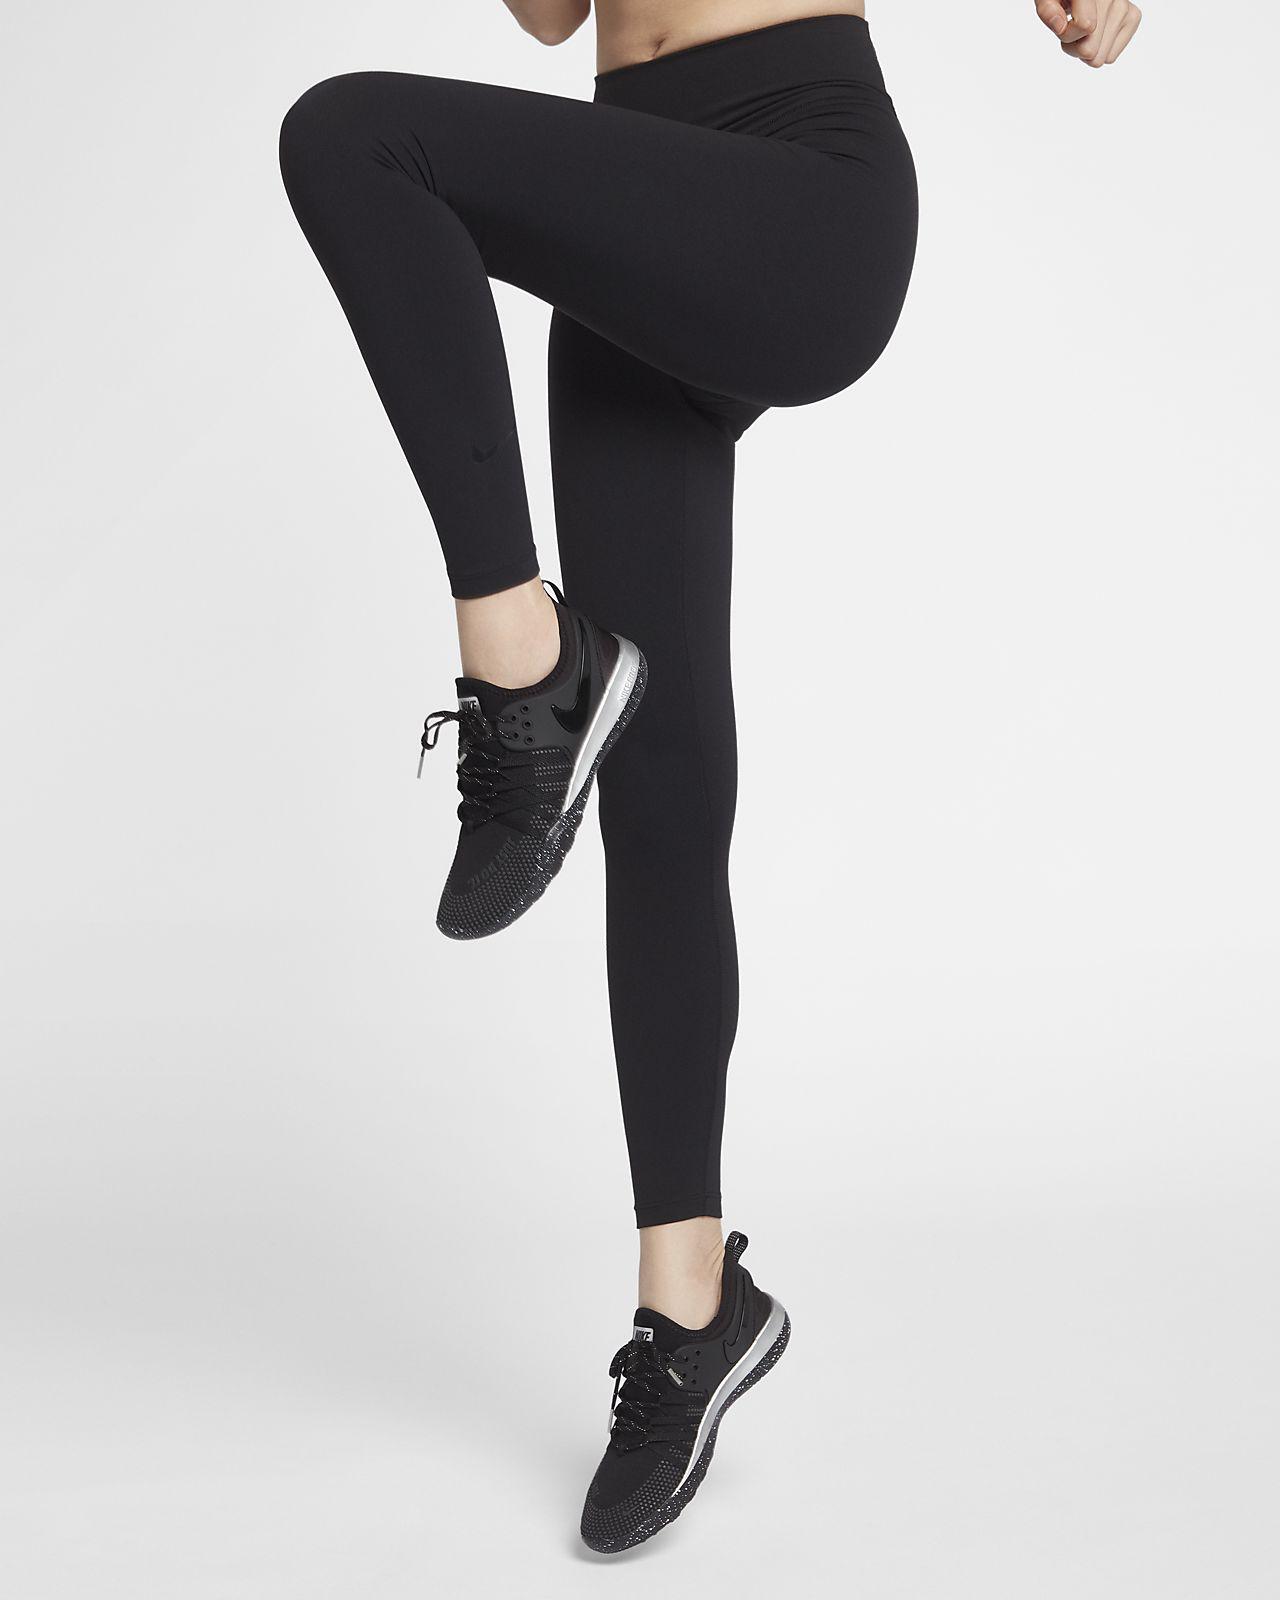 Nike Sculpt Lux 女子高腰训练紧身裤